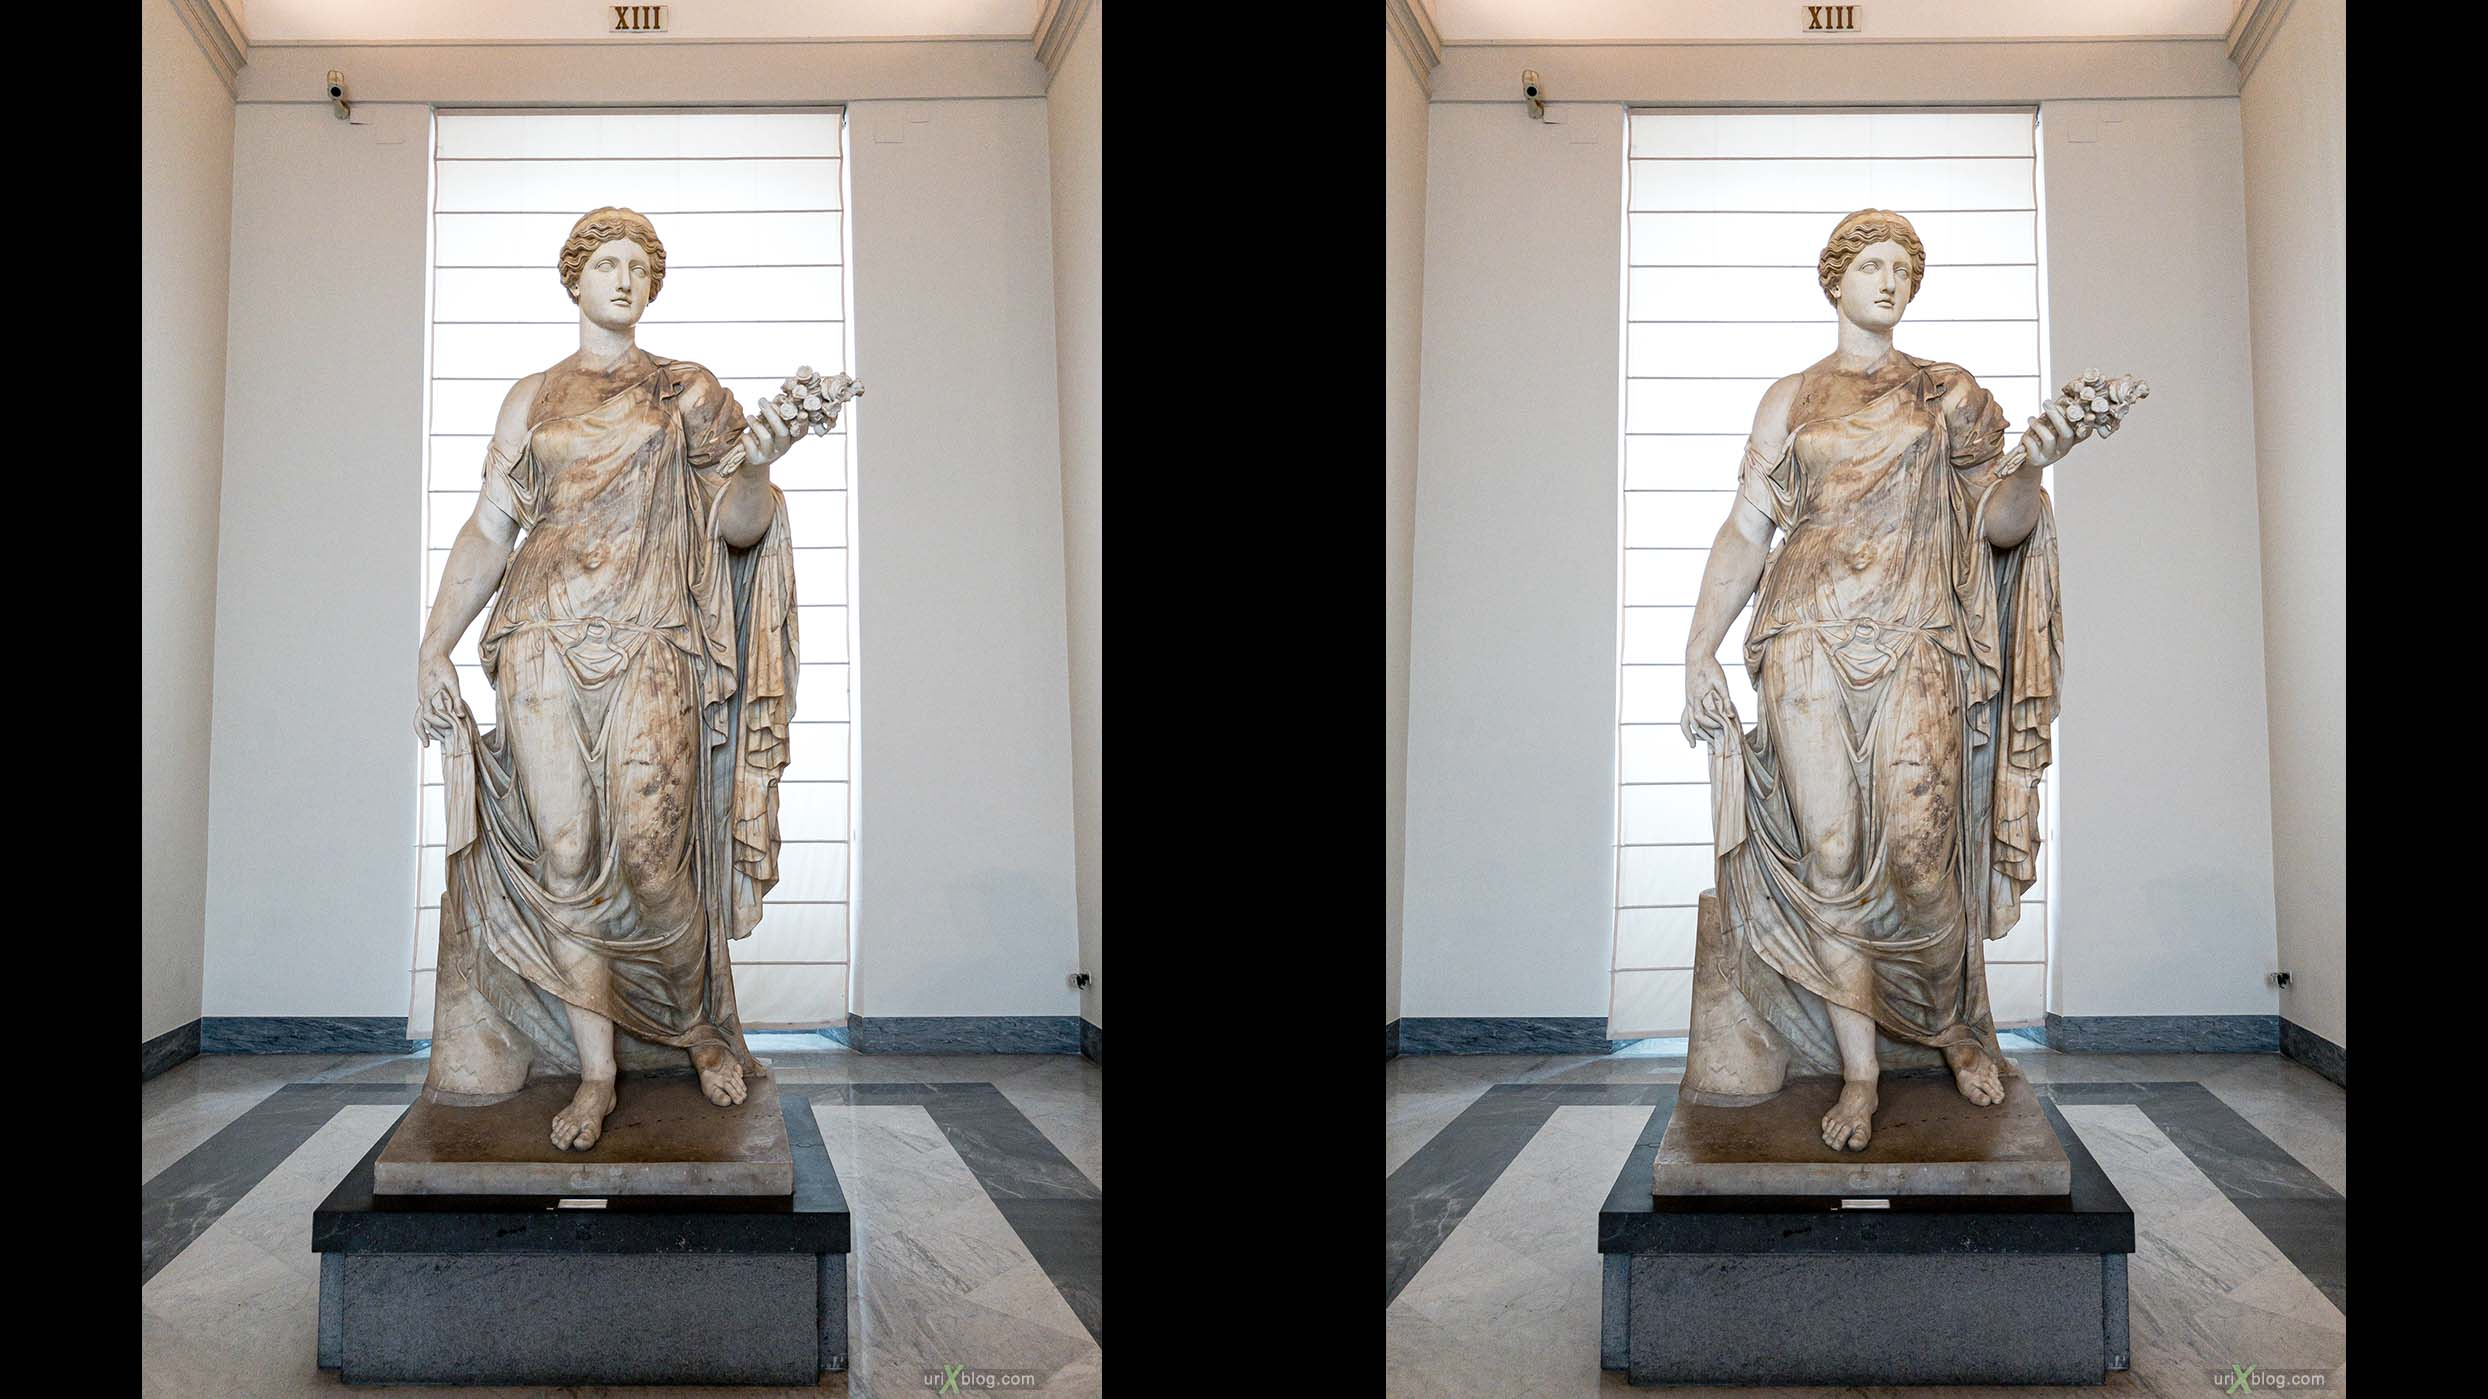 статуя, Национальный археологический музей Неаполя, Древний Рим, Помпеи, выставка, Неаполь, Италия, 3D, перекрёстная стереопара, стерео, стереопара